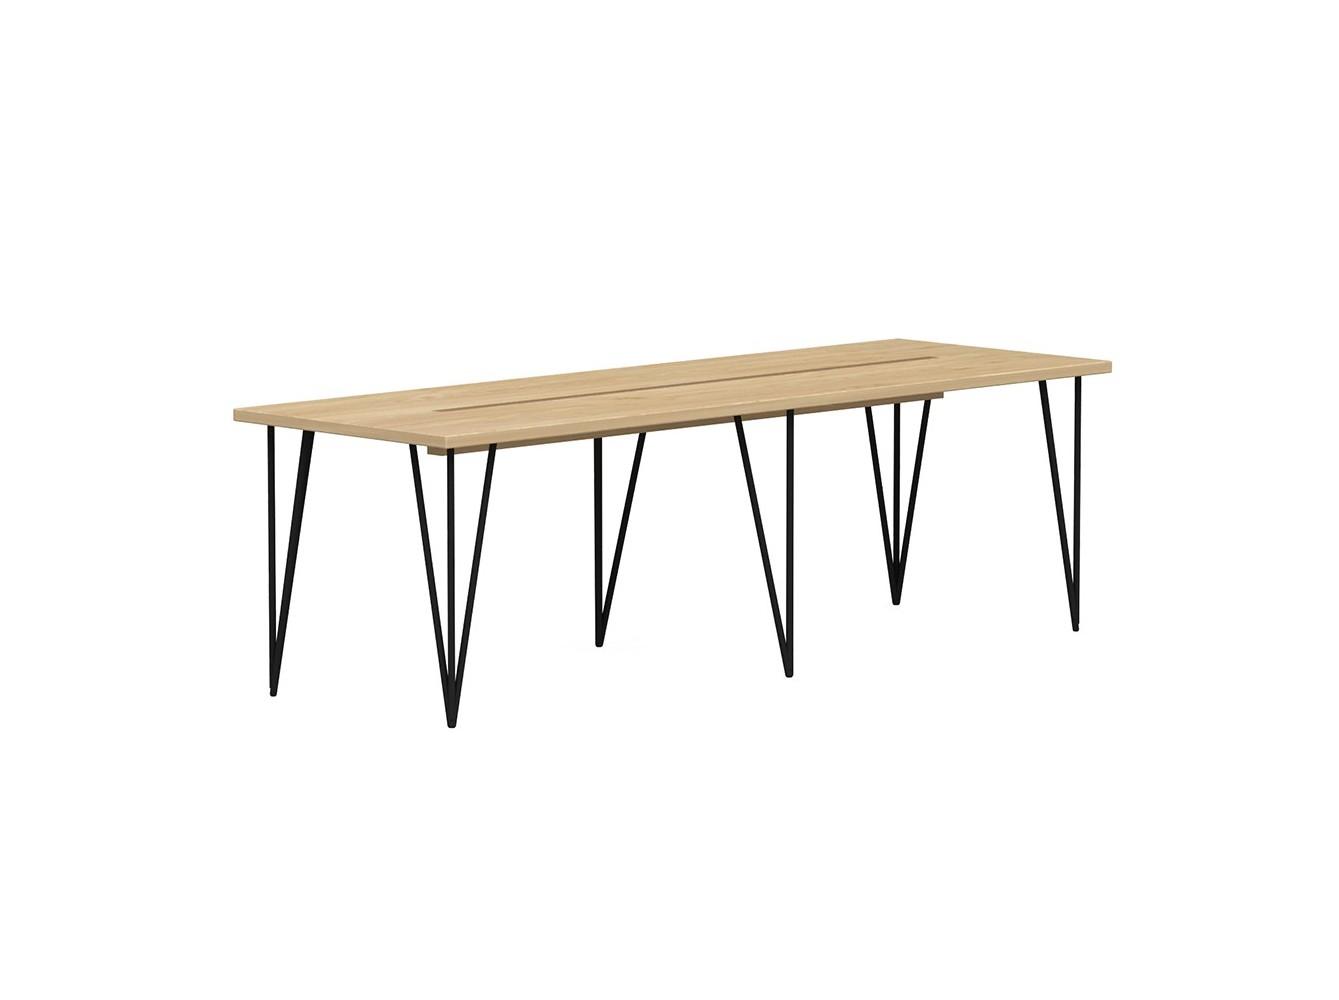 Стол для переговоров (woodi) бежевый 240.0x75.0x80.0 см. фото